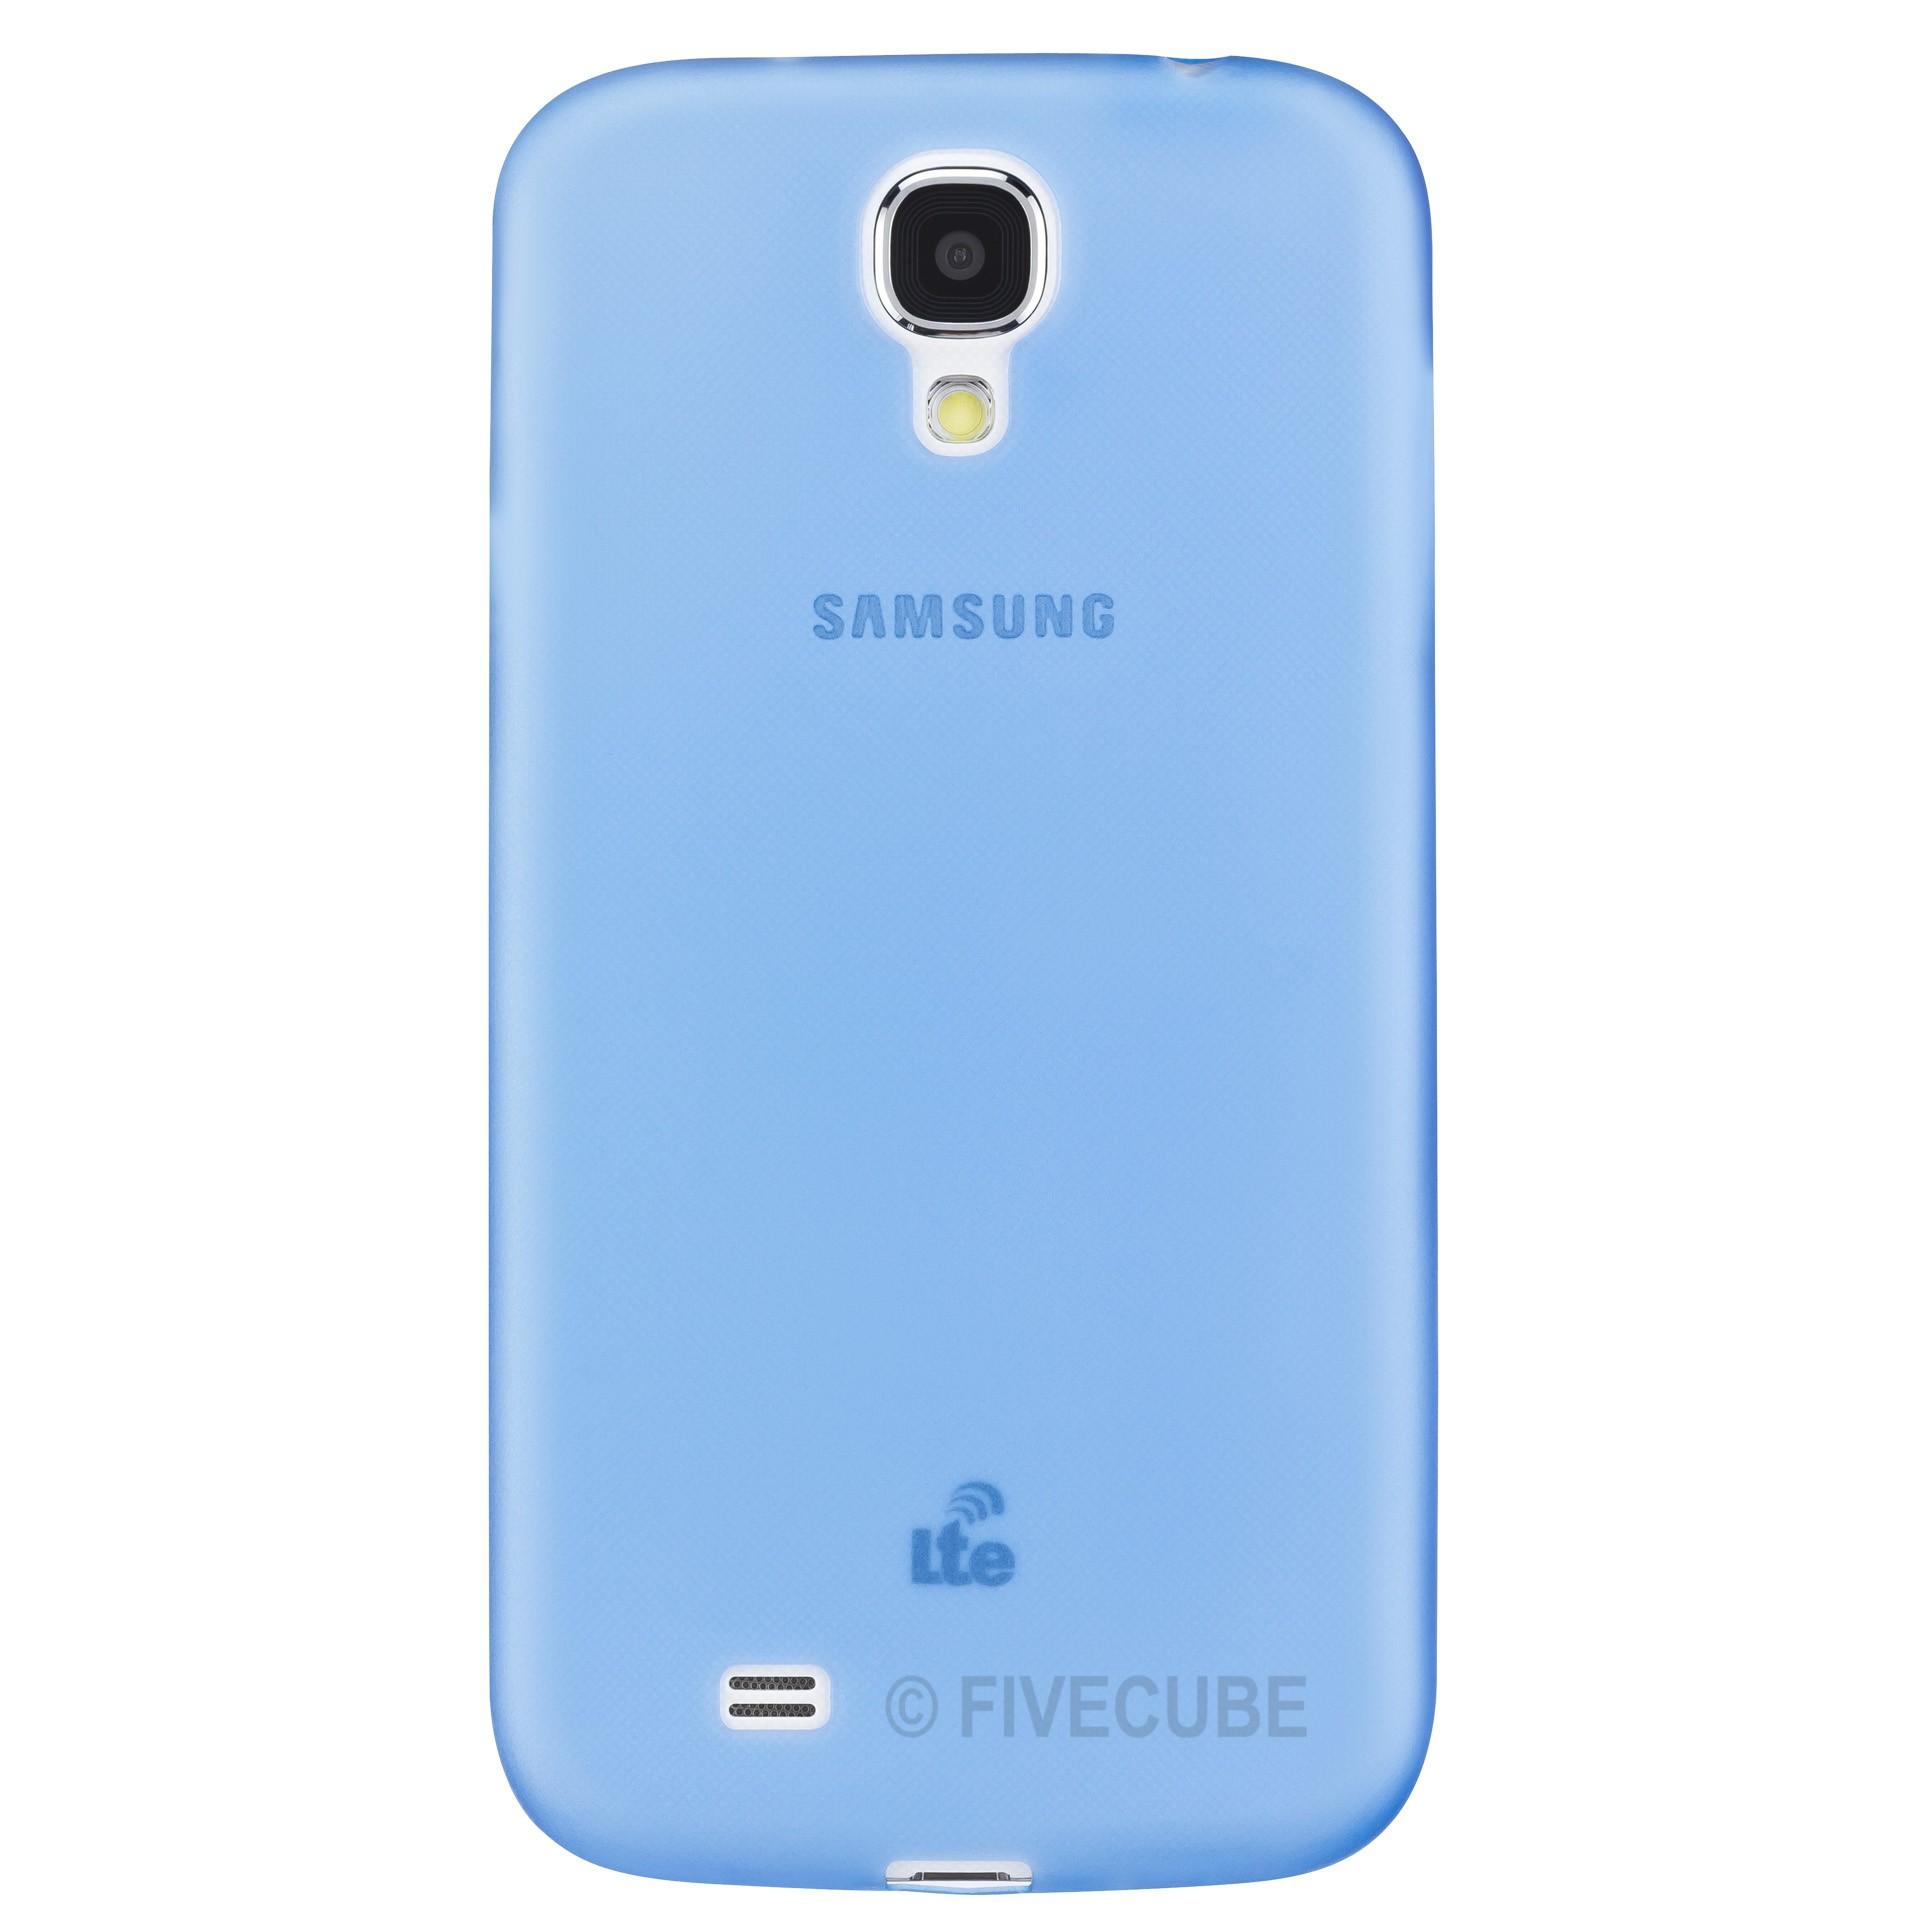 Yemota Pro Slimcase für Samsung Galaxy S4 - Blau